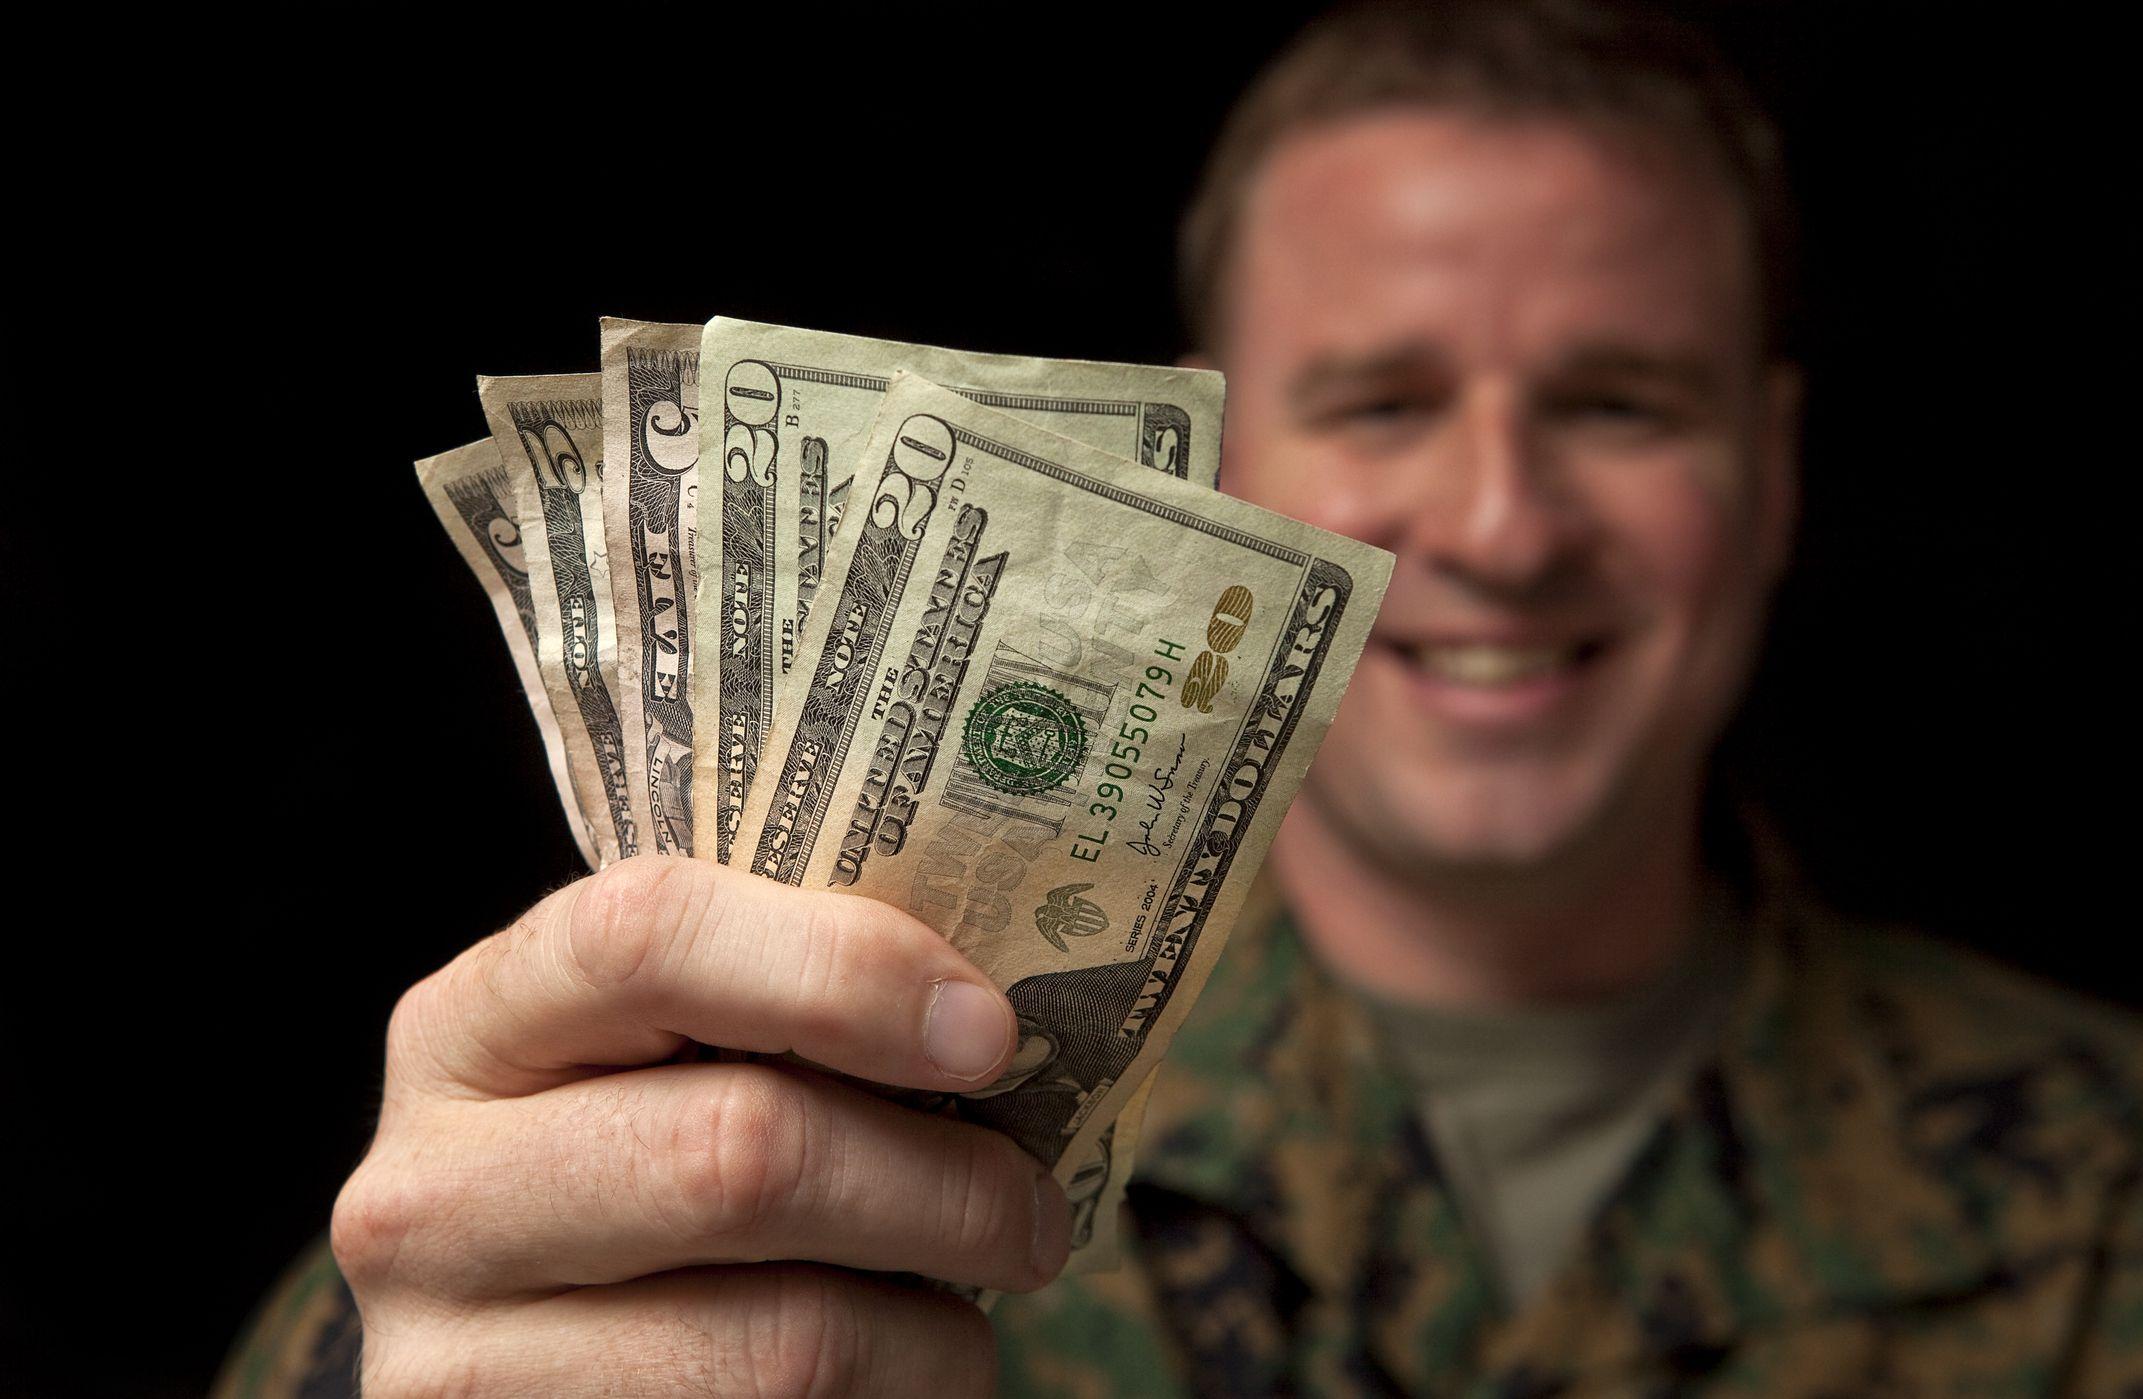 Military member holding cash